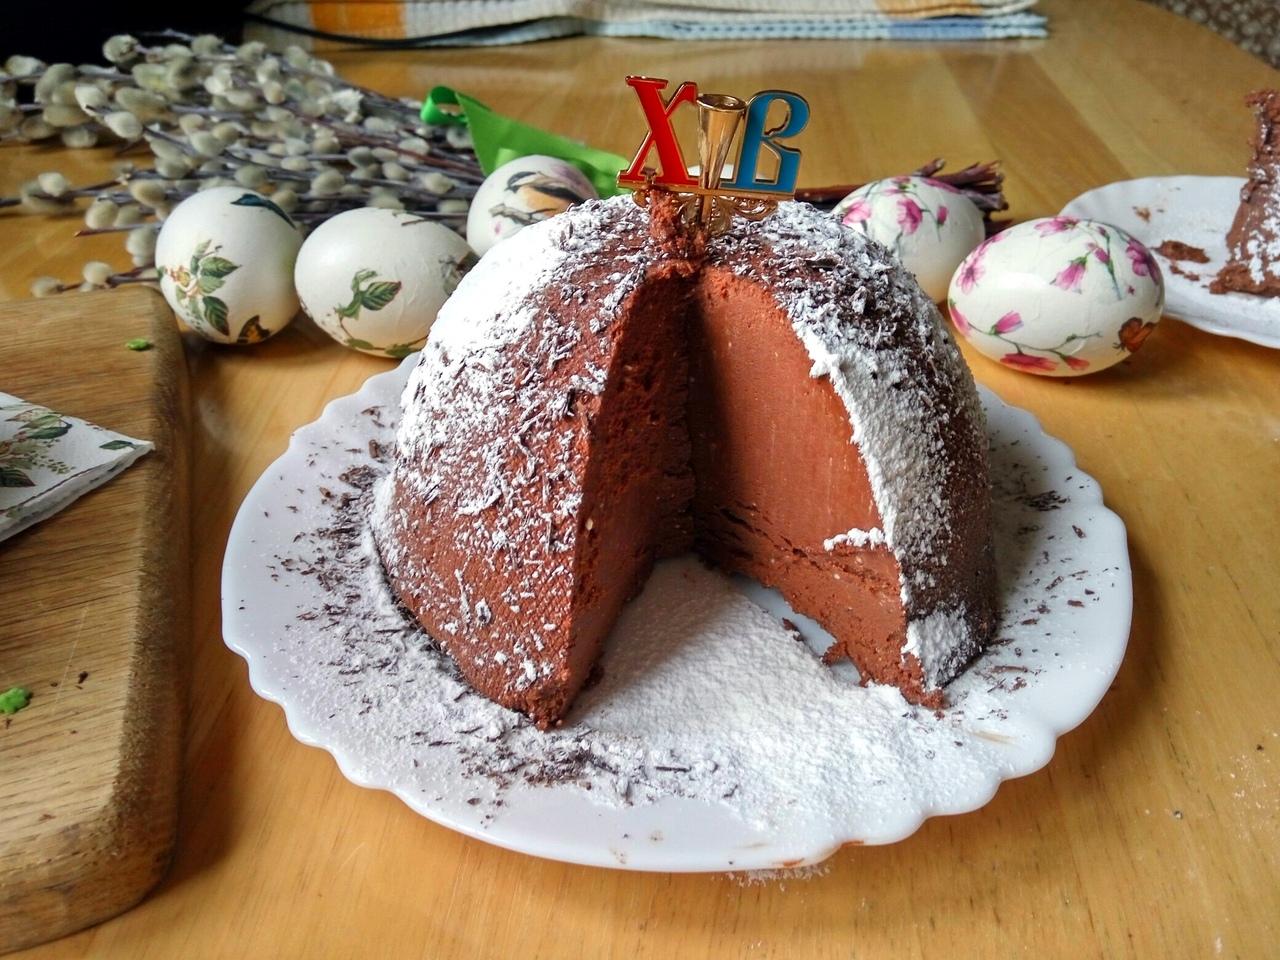 творожно шоколадная пасха фото рецепт прожить тобой